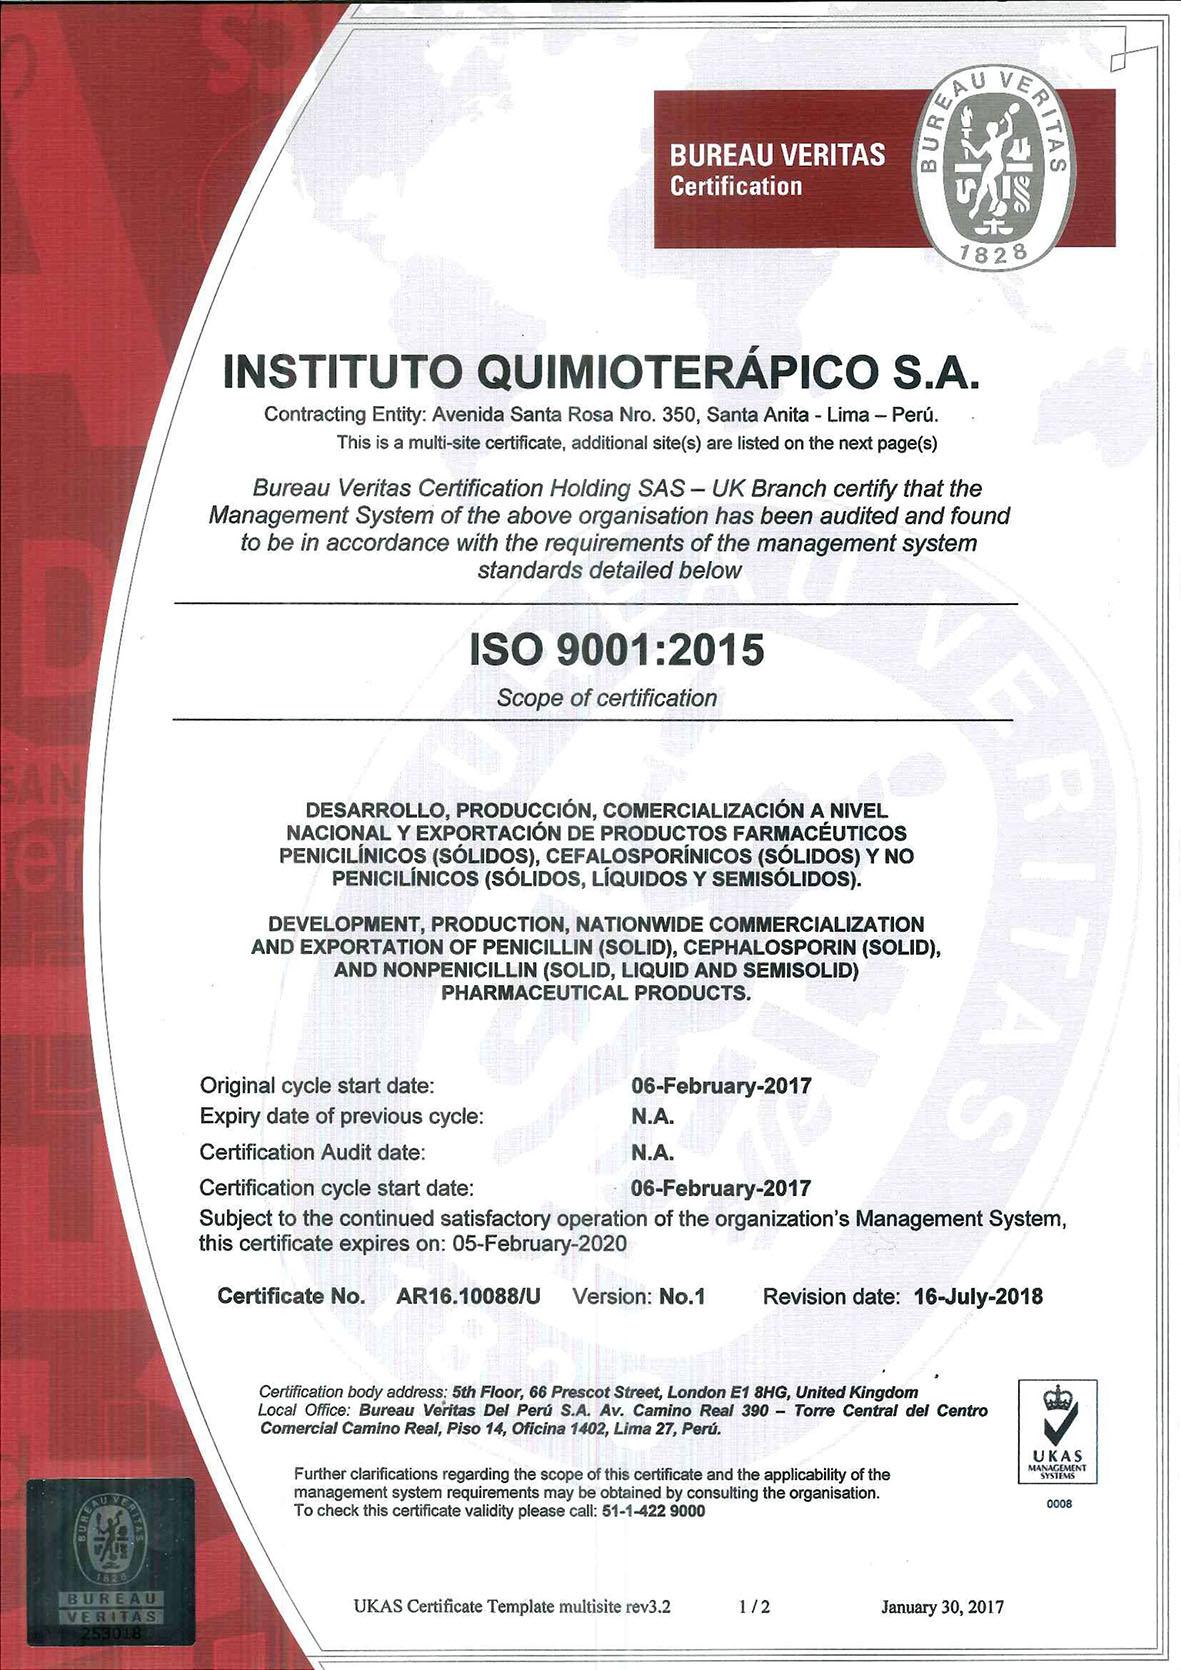 CERTIFICADO ISO 9001_2015 - INSTITUTO QUIMIOTERÁPICO S.A. (R01) chicob